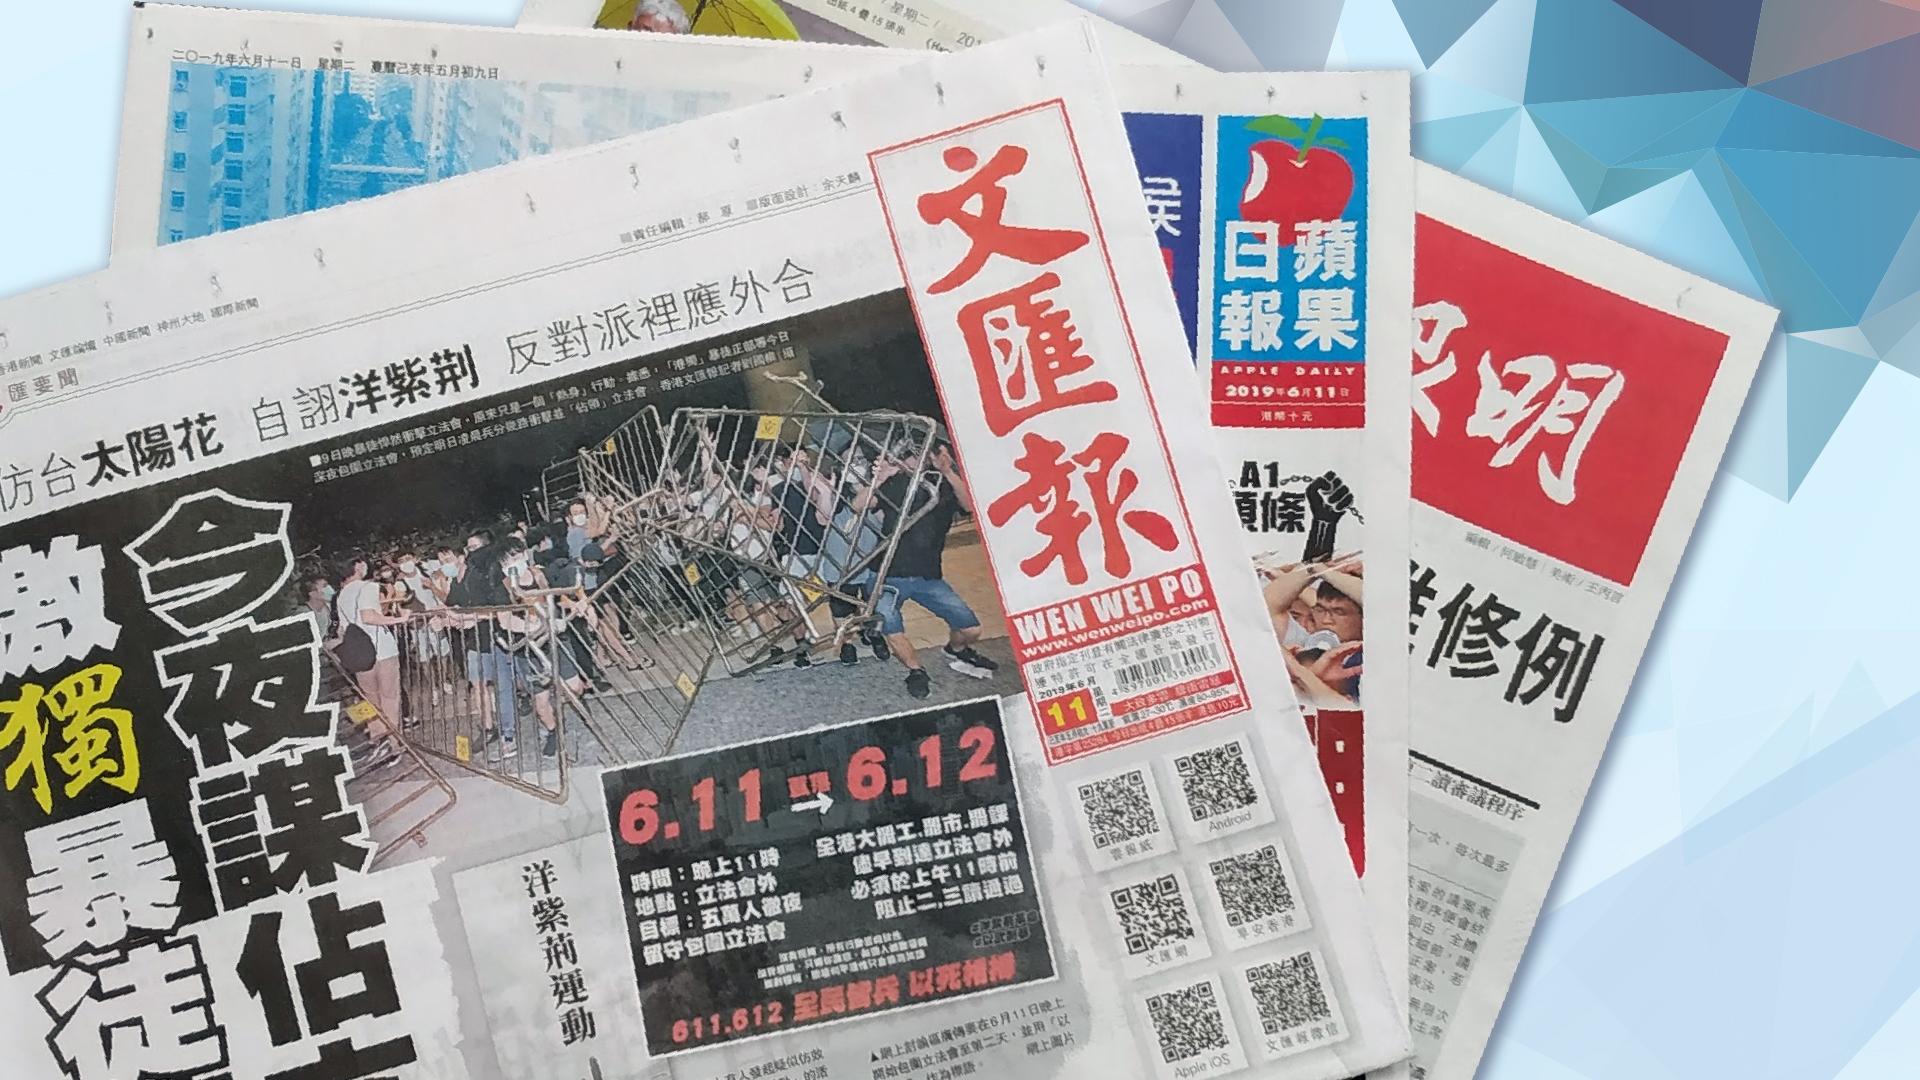 【報章A1速覽】激「獨」暴徒策動 今夜謀佔立會;林鄭蔑視百萬民意 6.12爆罷工罷市潮